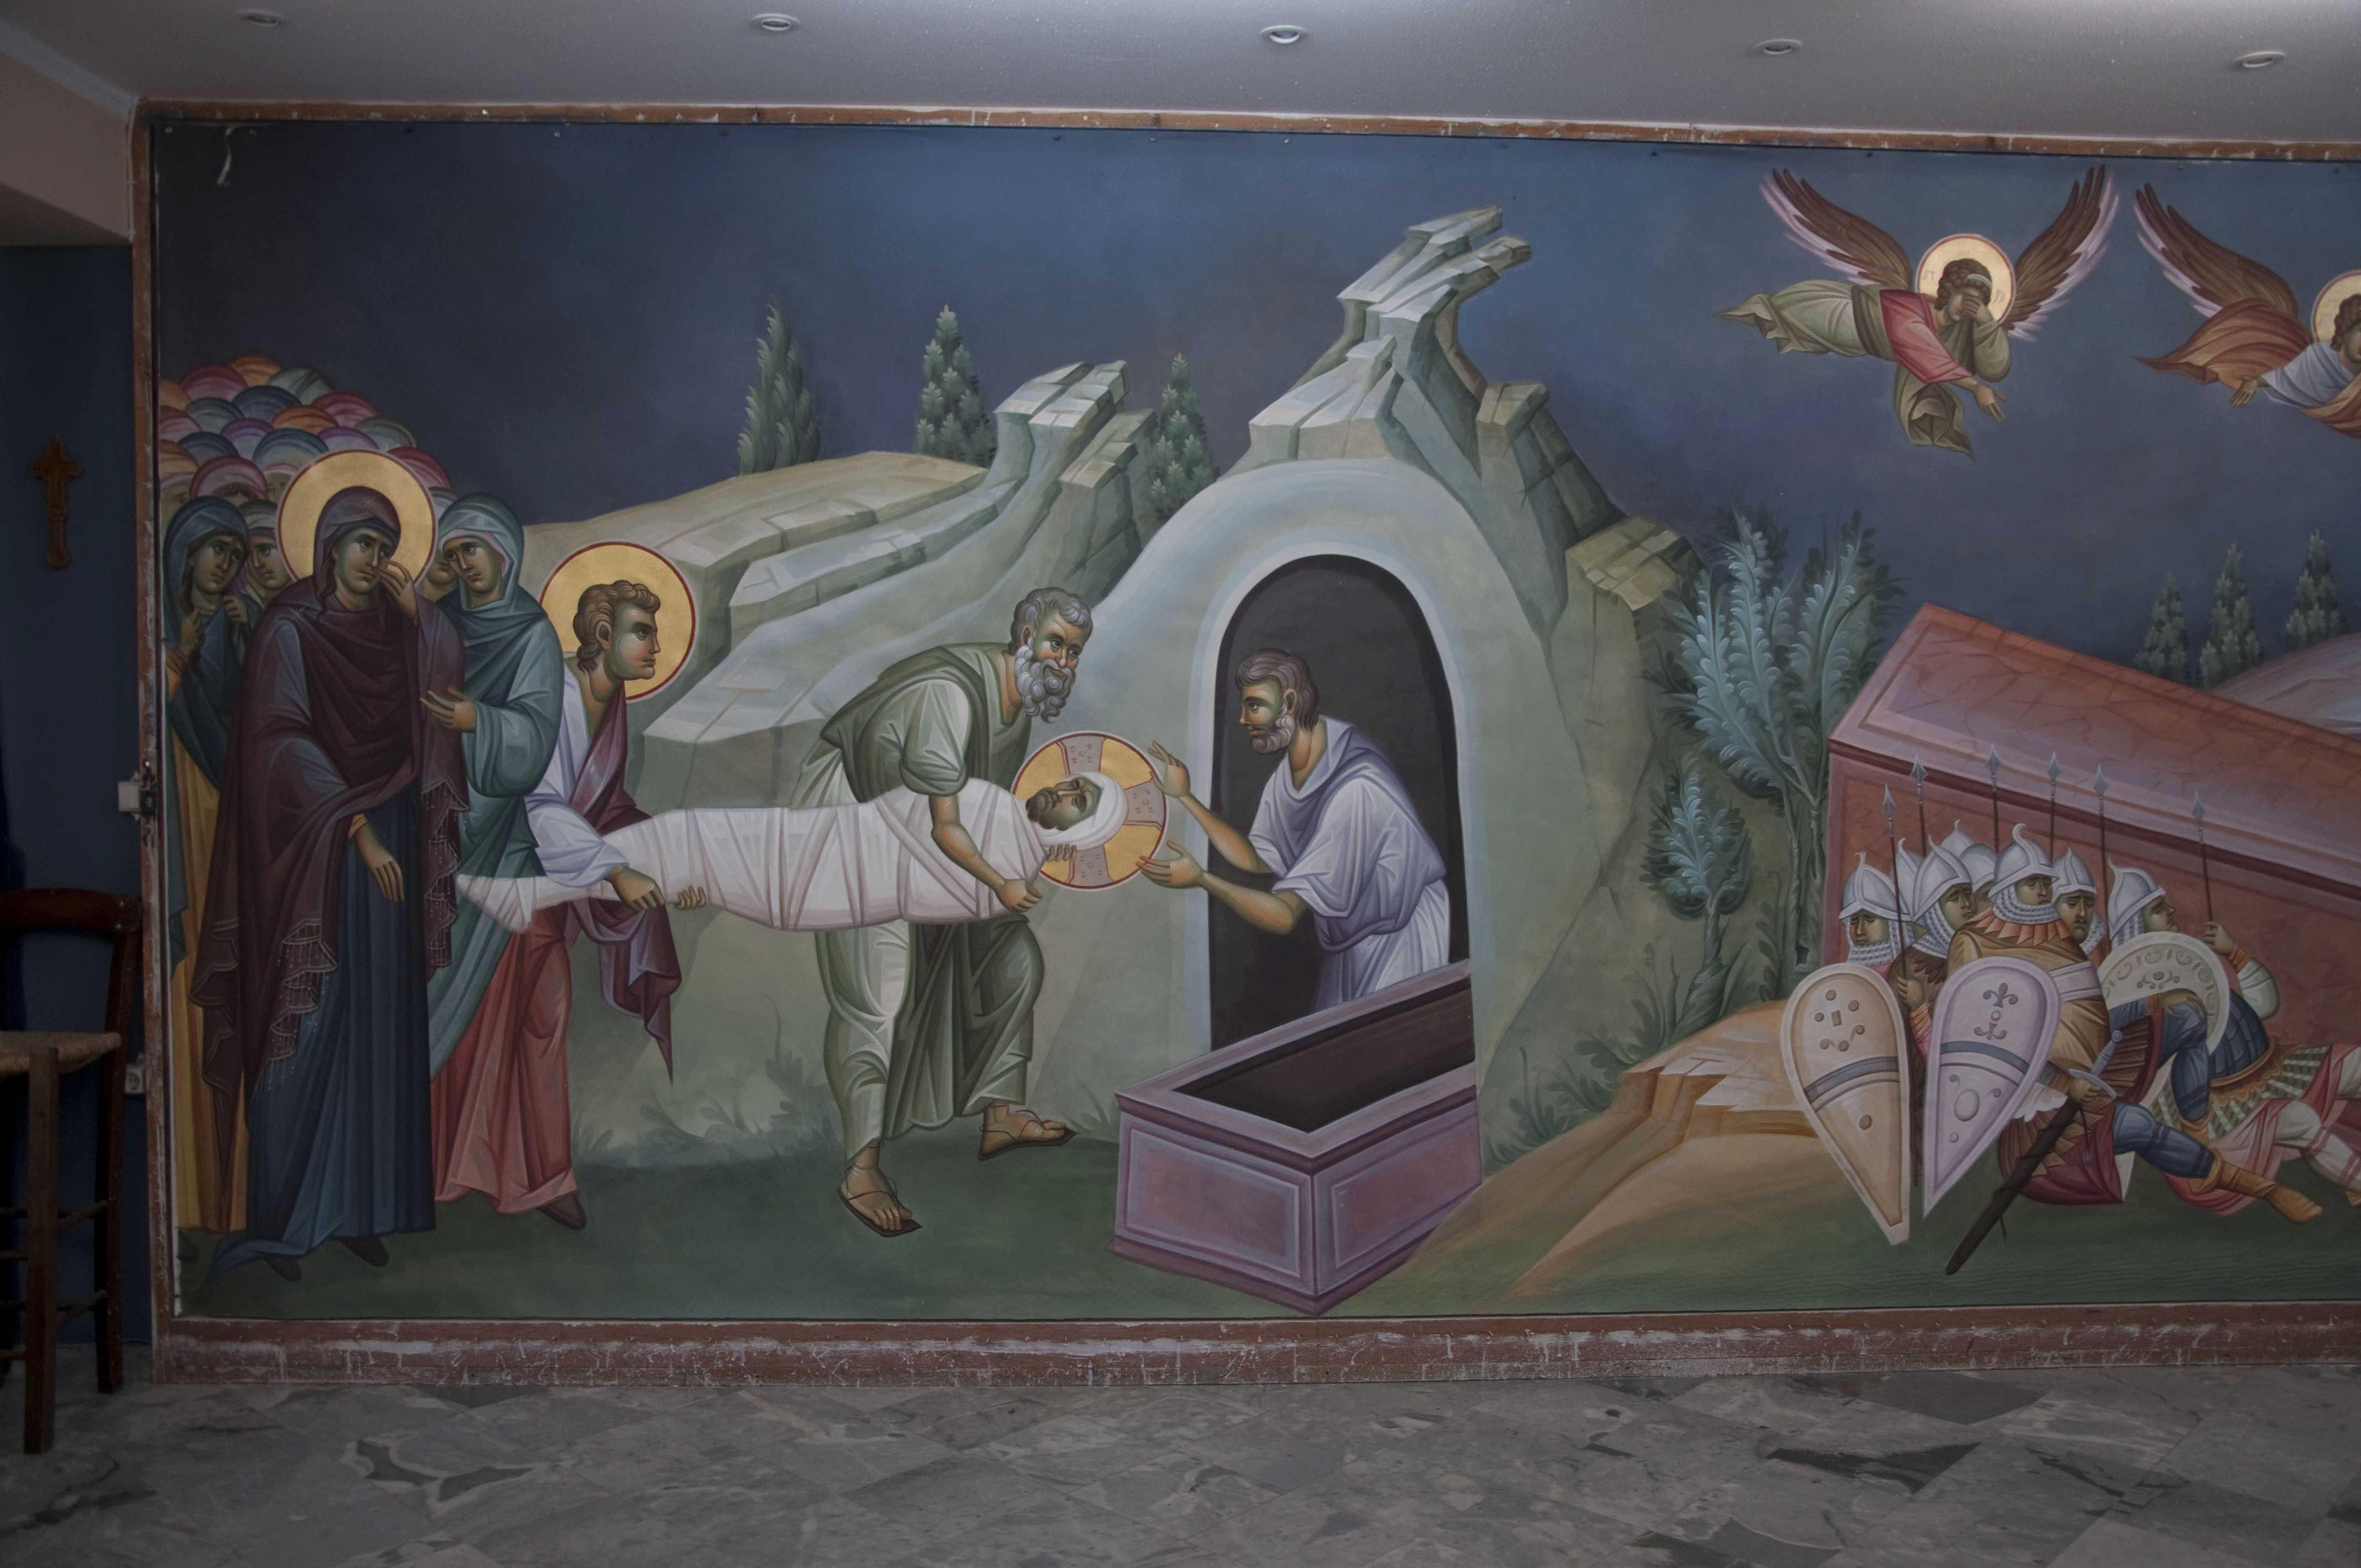 """DENIA SAMBETEI MARI, PROHODUL DOMNULUI (video, audio, cantari psaltice) – Chipurile calauzitoare ale rugaciunii: CRUCEA, INGROPAREA SI MORMANTUL GOL: <i>""""Pe masura ce rugaciunea creste, inima se face partasa la TAINA DARUIRII DE SINE a lui Hristos</i>, devenind ea insasi un MORMANT in care salasluieste Domnul"""""""